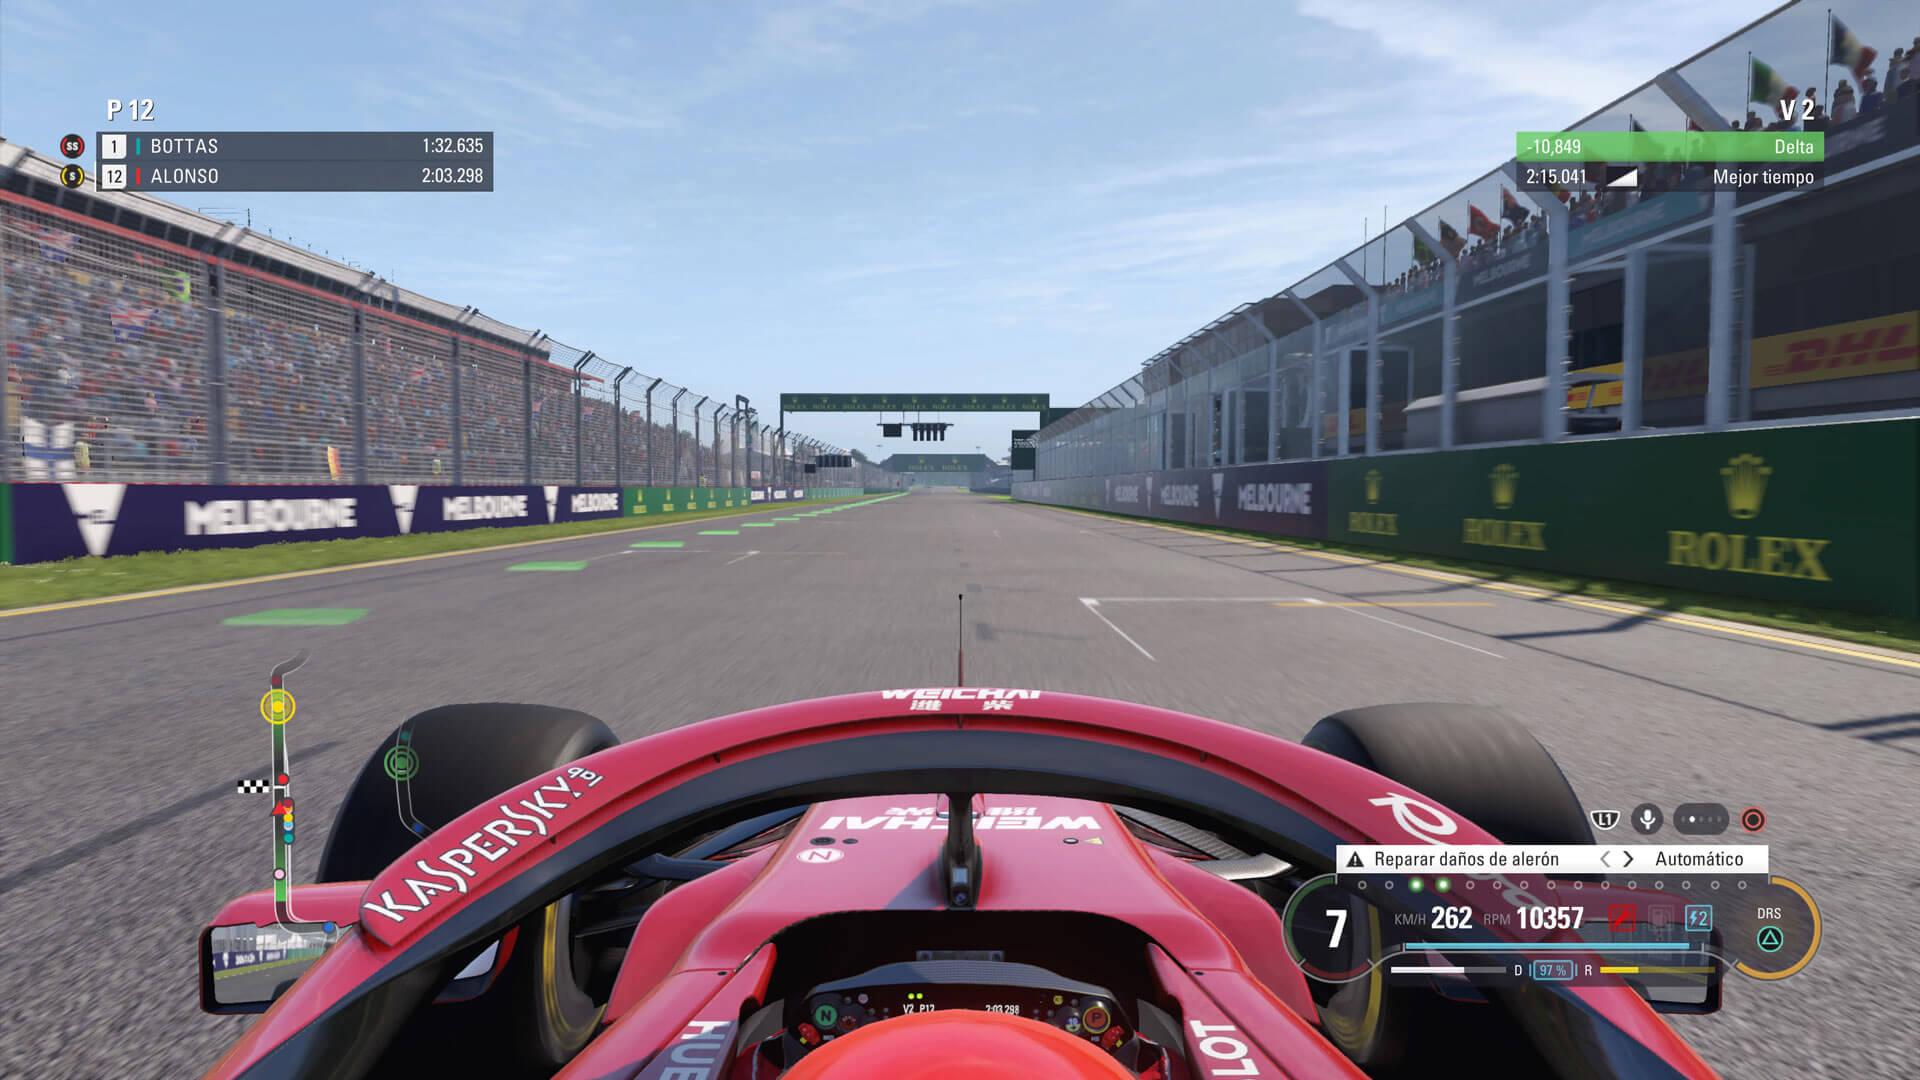 Encarando la recta en F1 2018